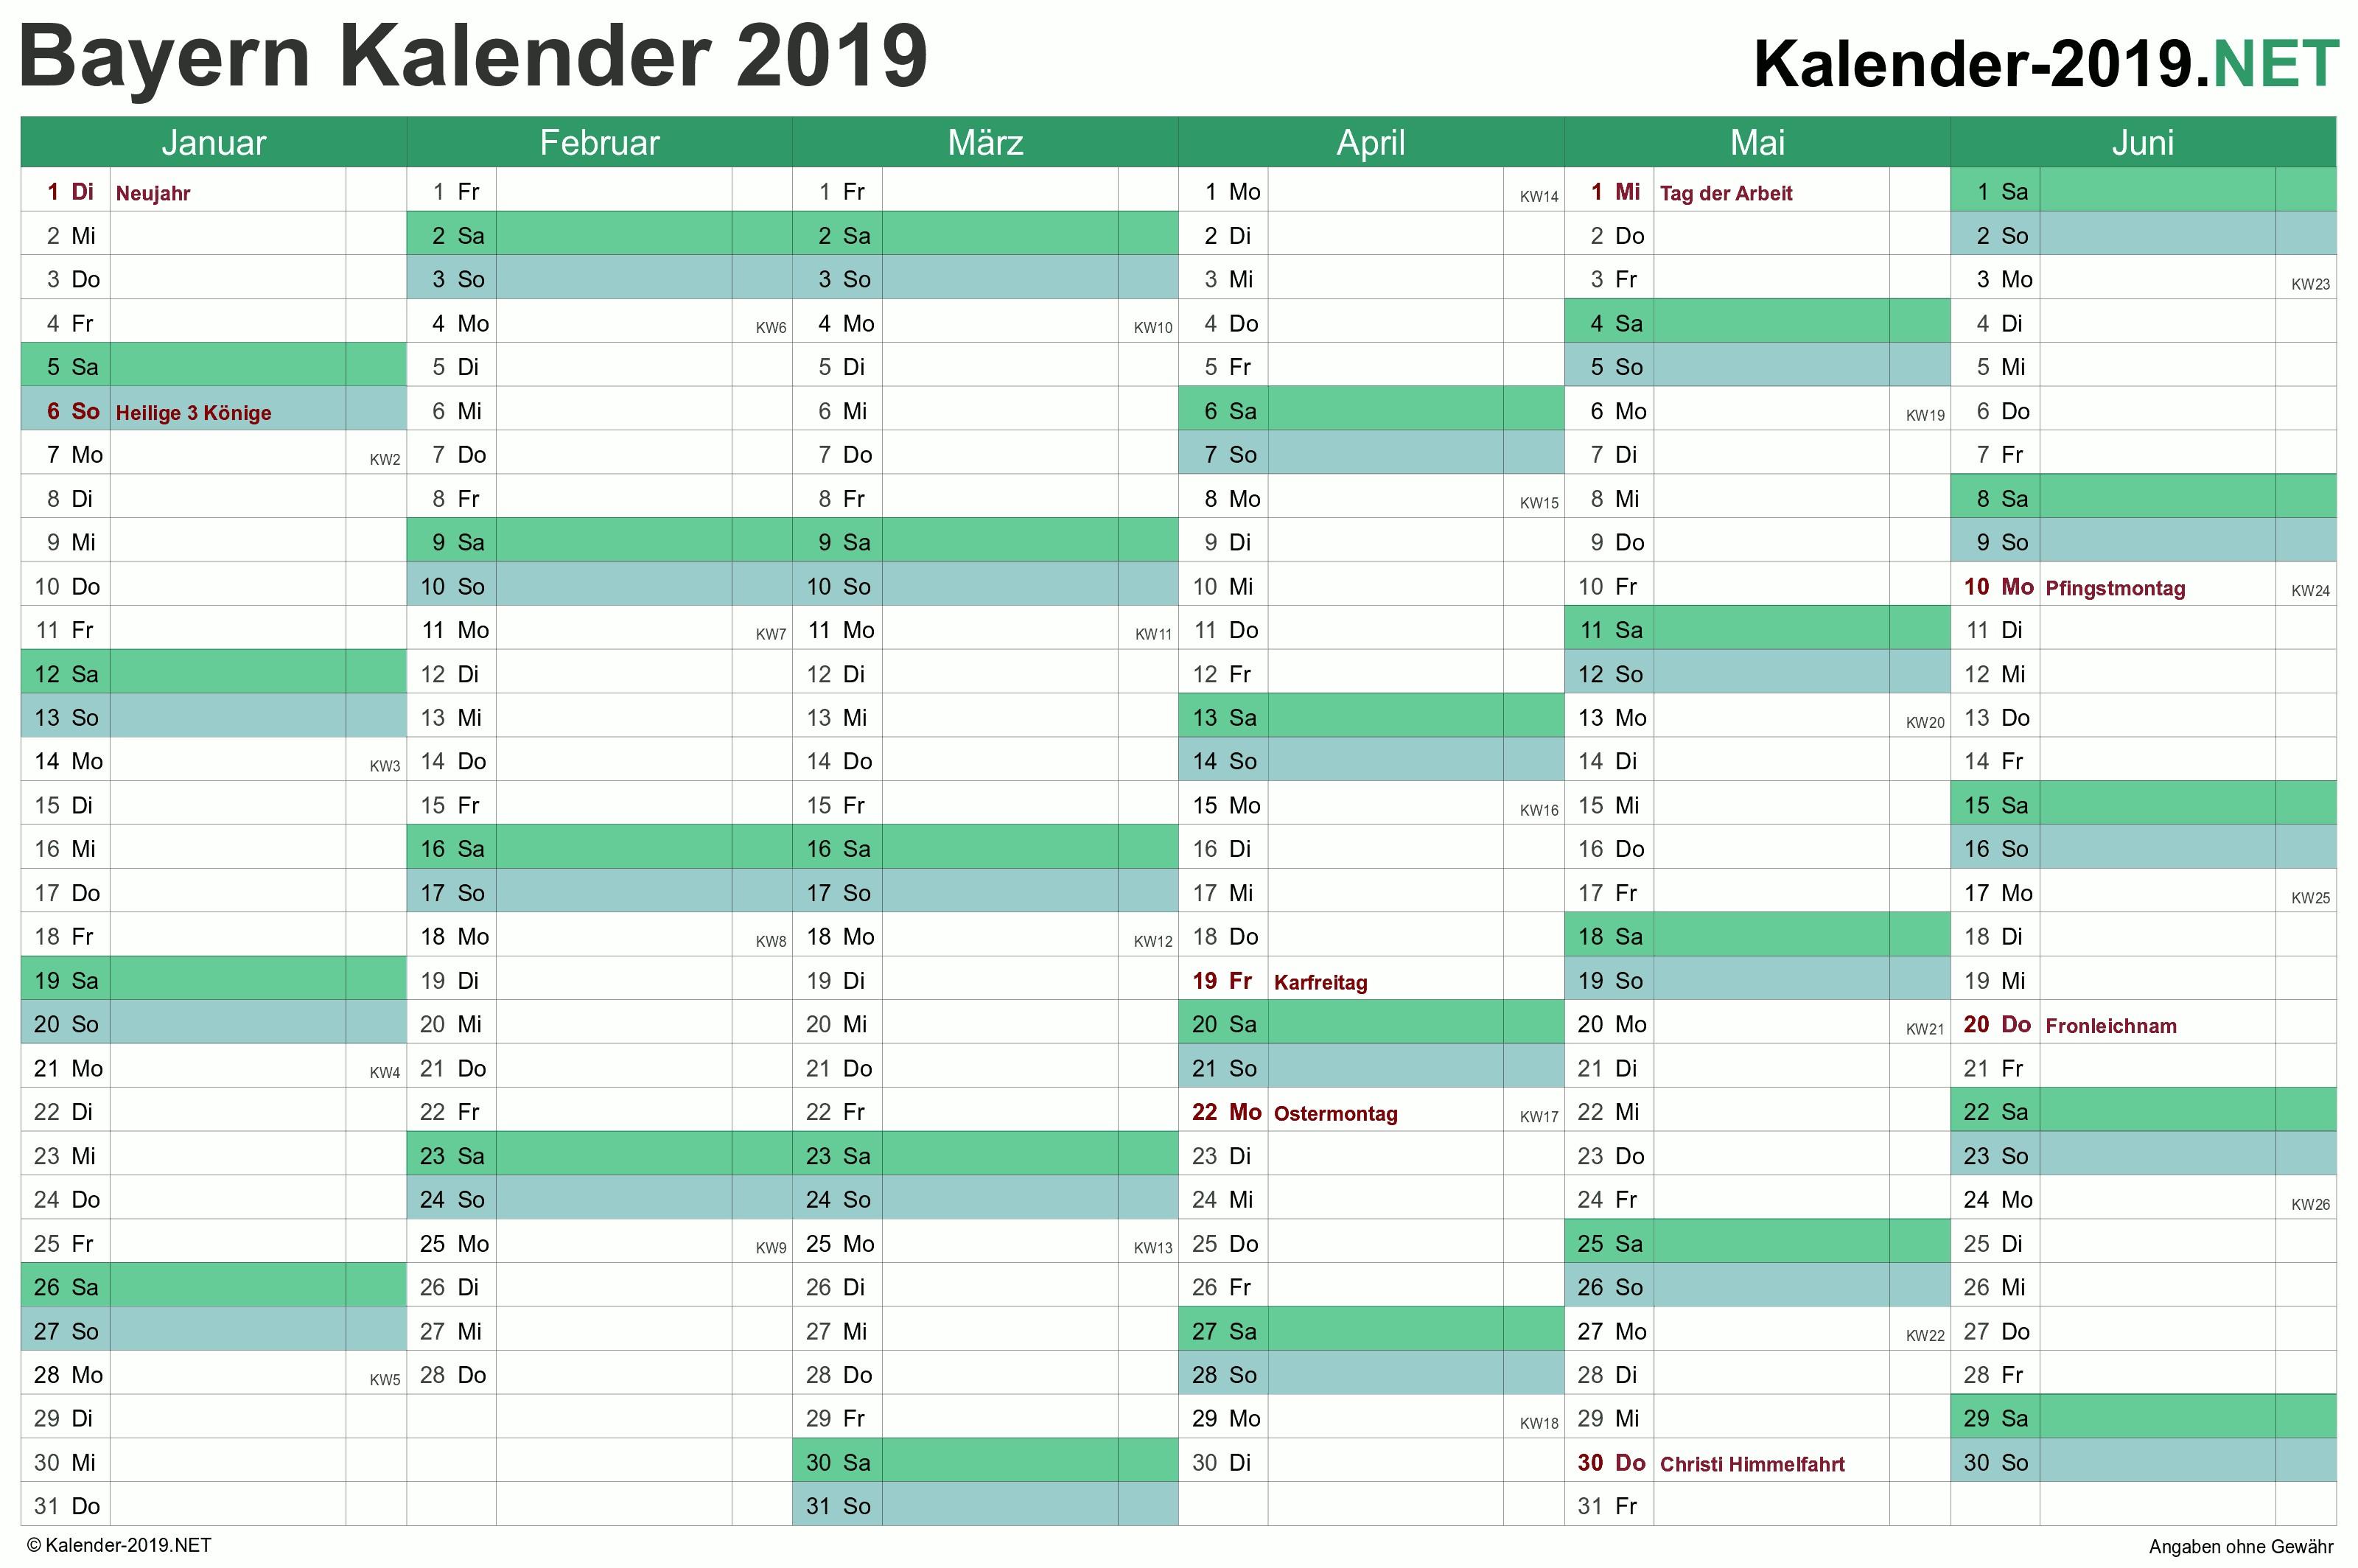 Kalender 2019 Excel Template Más Populares Bayern Kalender 2019 Mit Feiertagen